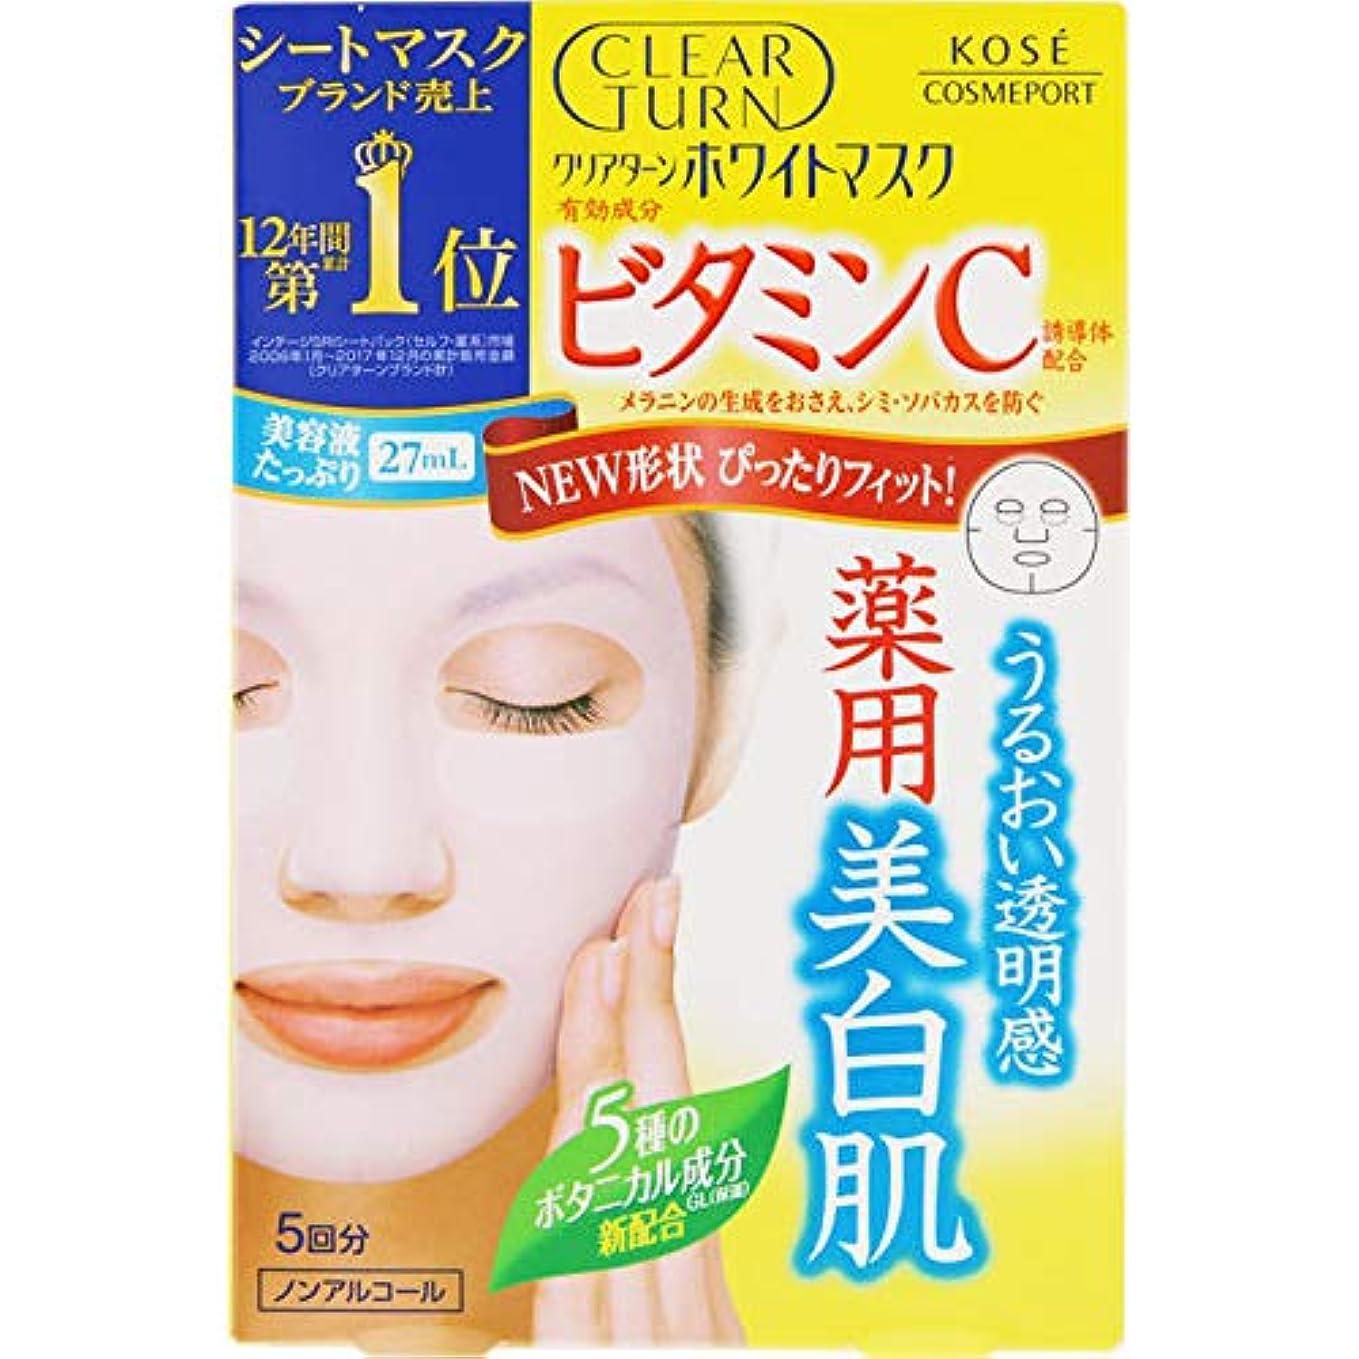 典型的なコンデンサー平均コーセー クリアターン ホワイト マスク (ビタミンC) 5回分